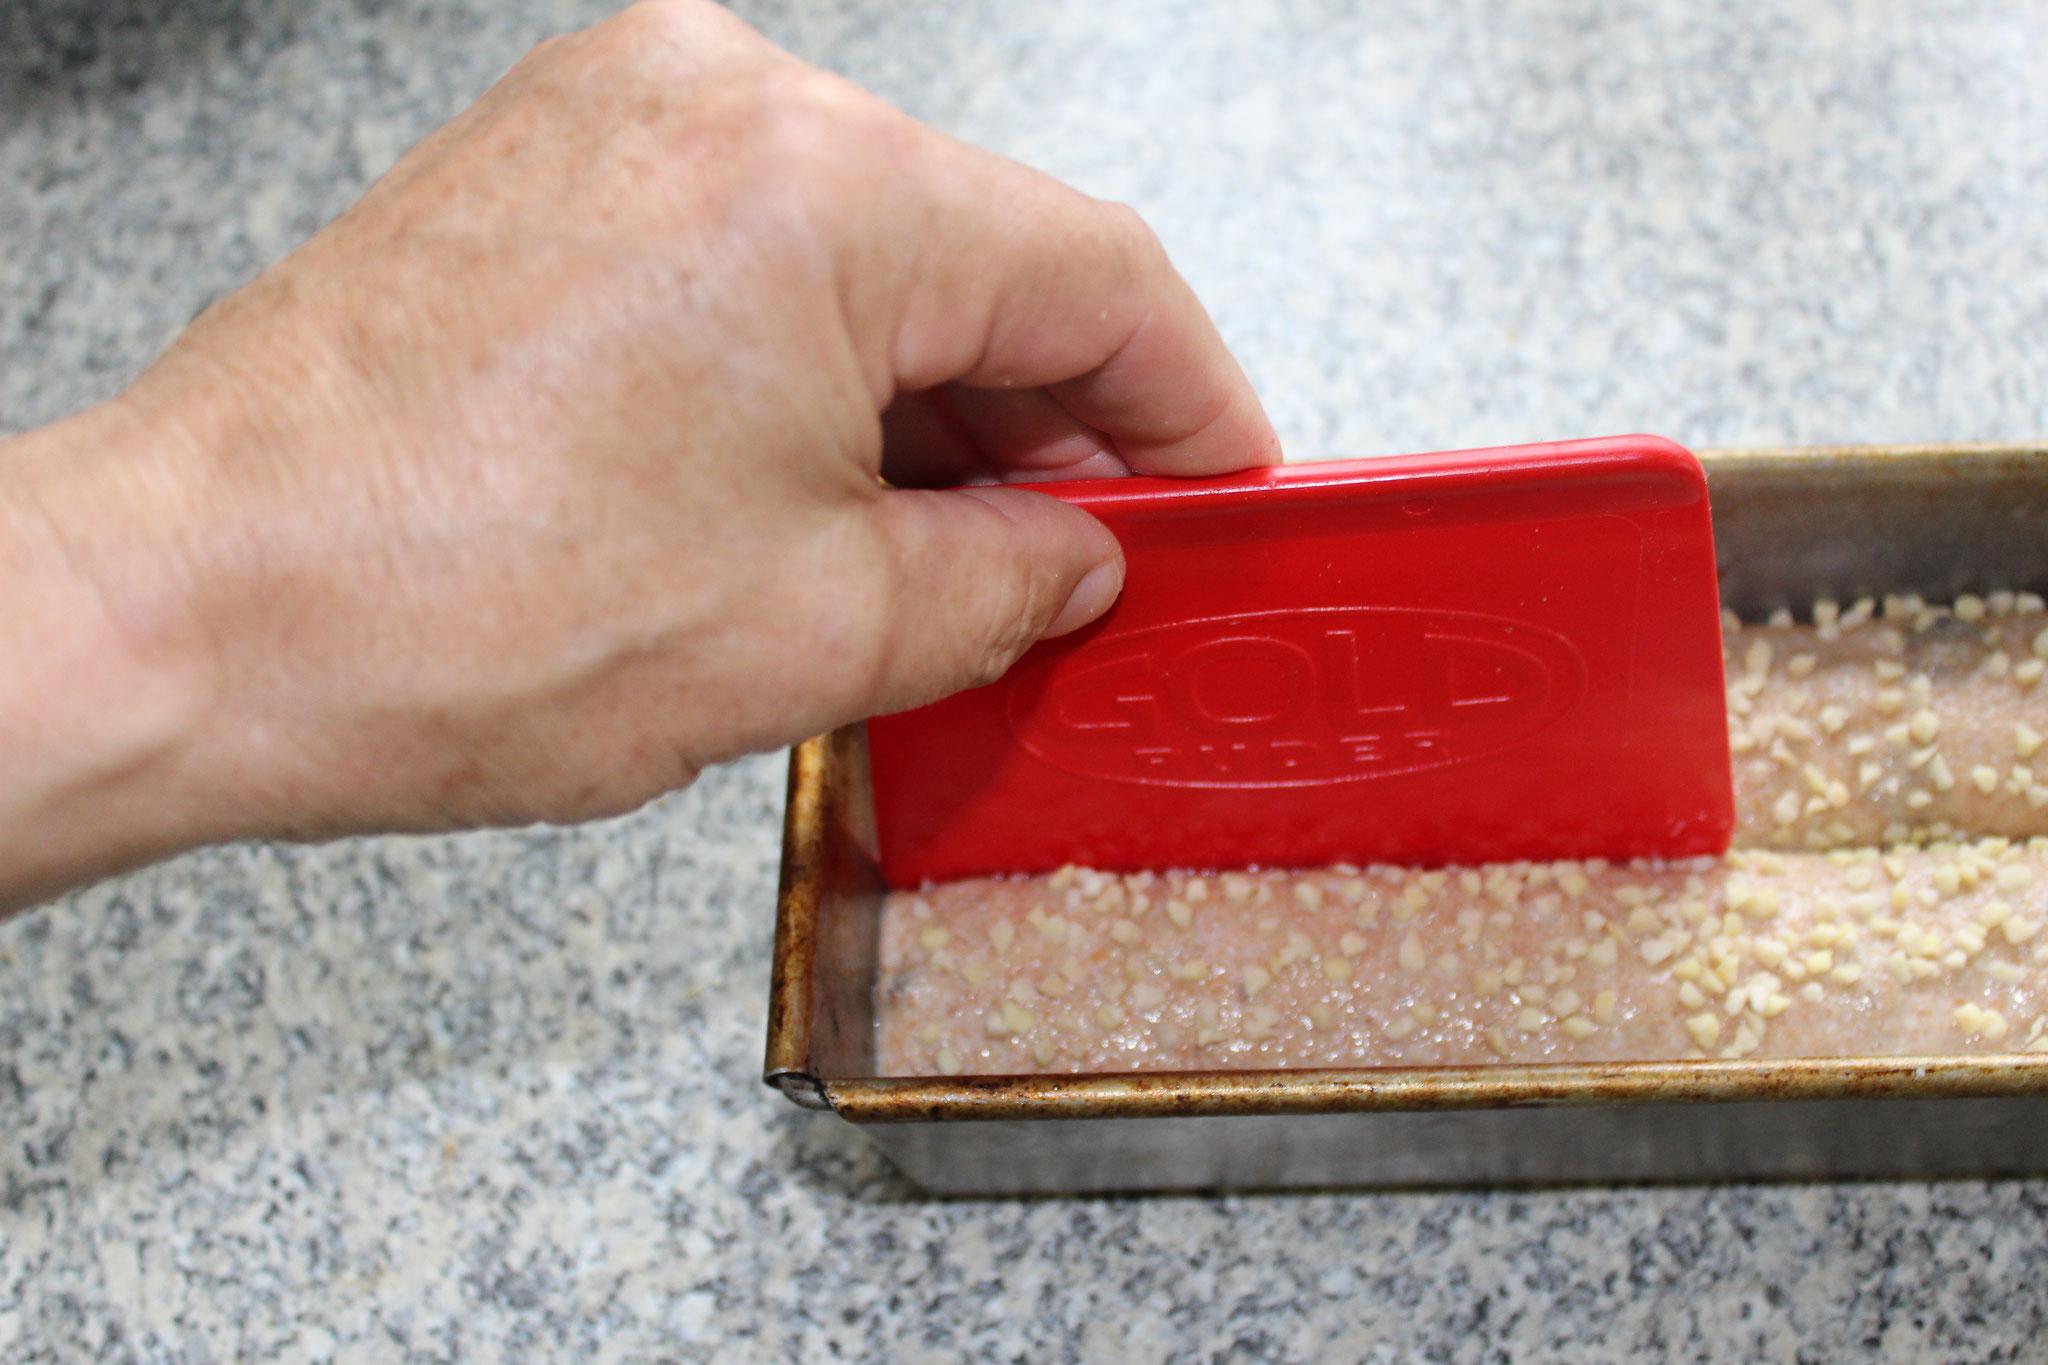 #4 mit einem geölten Teigschaber ca. 1 cm eindrücken